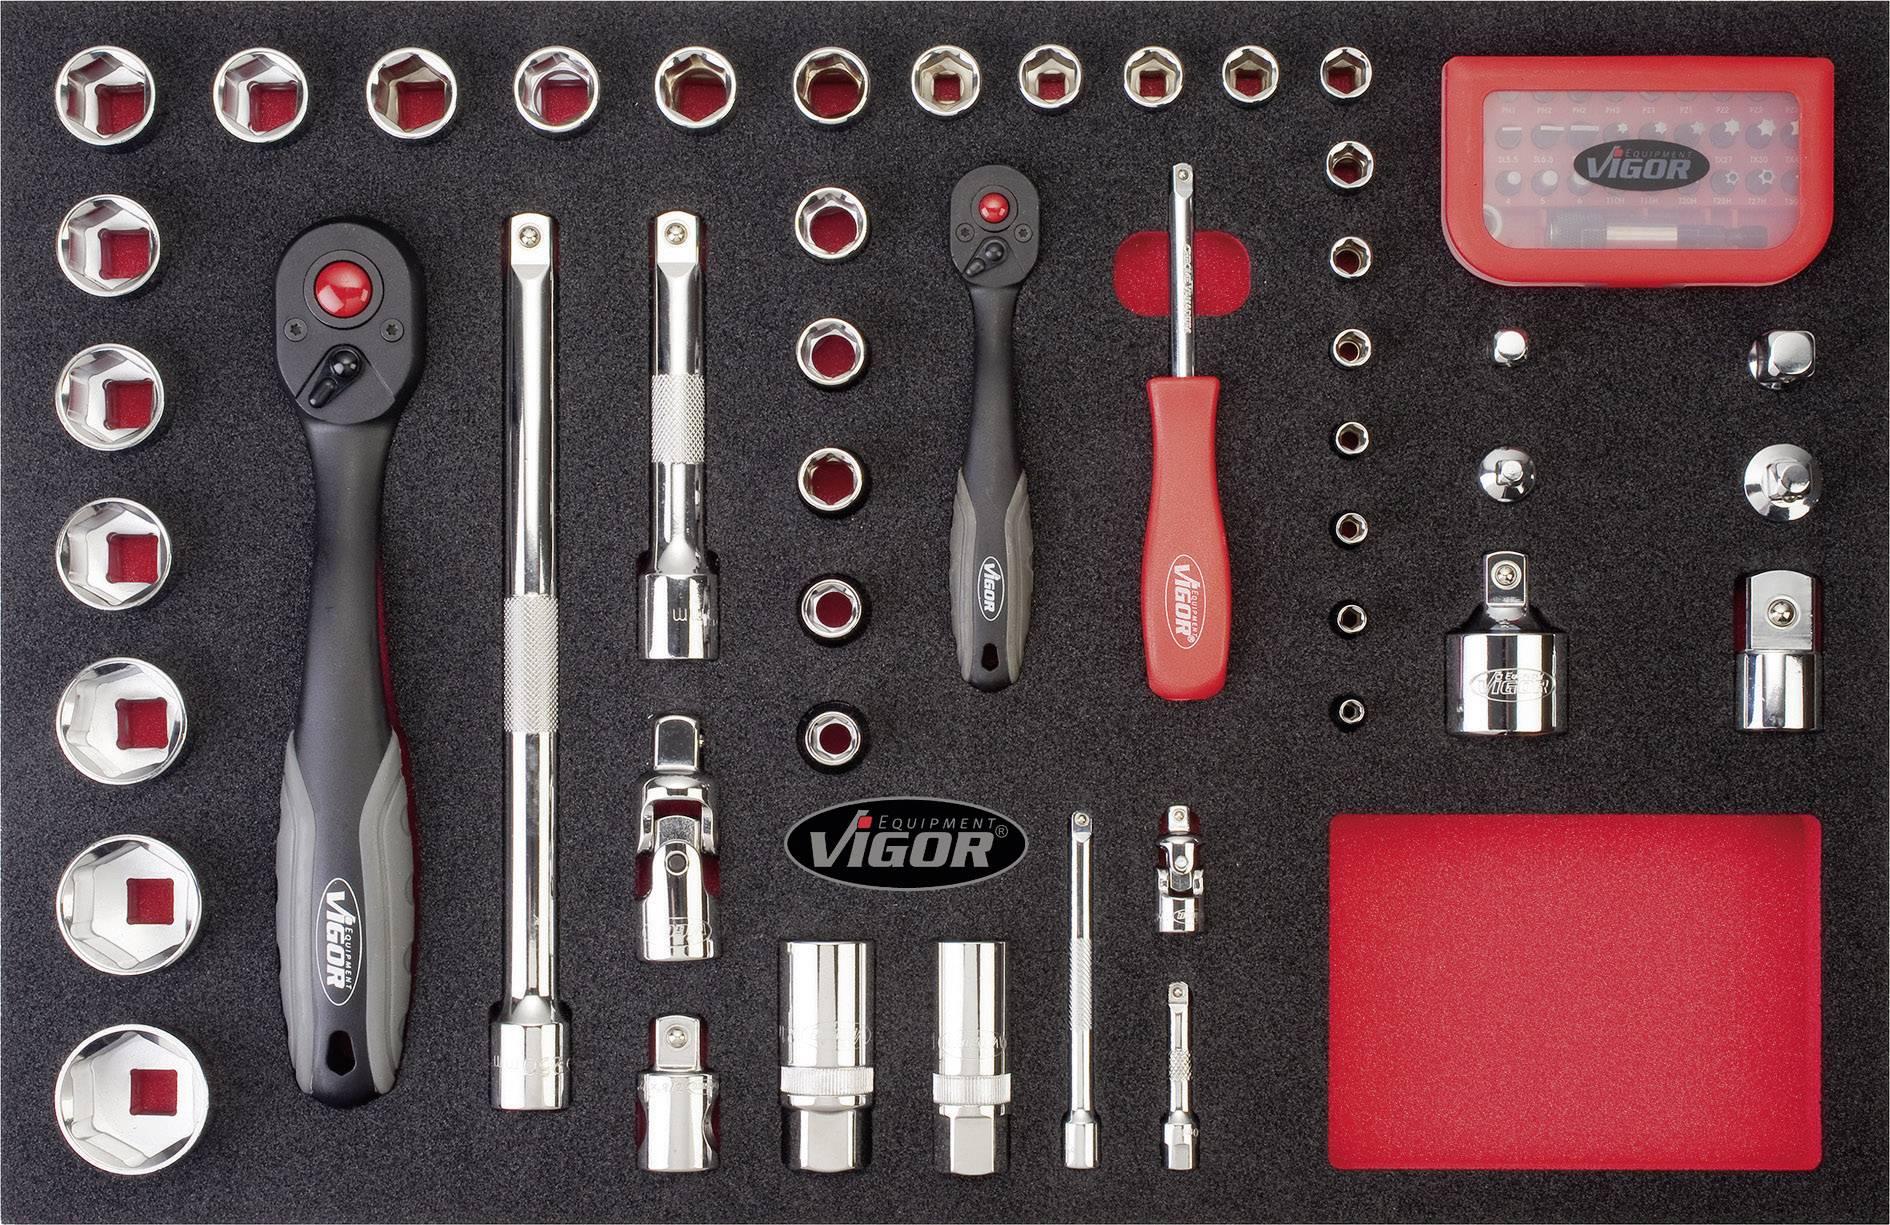 Sada nástrčných klíčů Vigor V2378, 43dílná